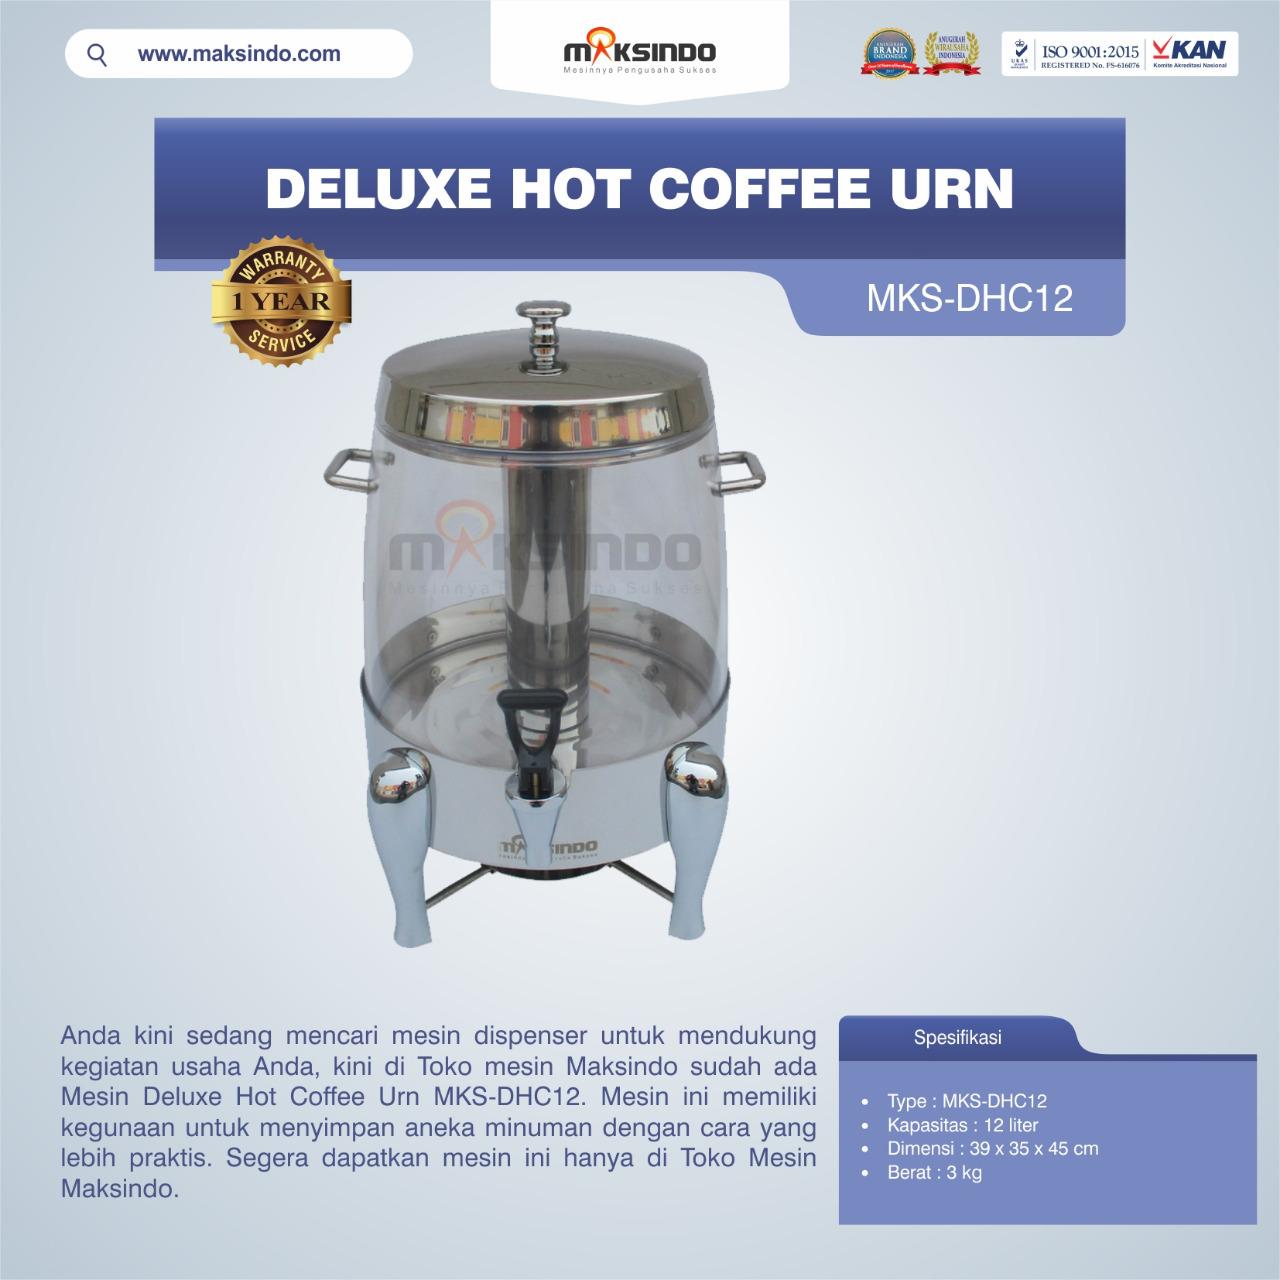 Jual Deluxe Hot Coffee Urn MKS-DHC12 di Bali